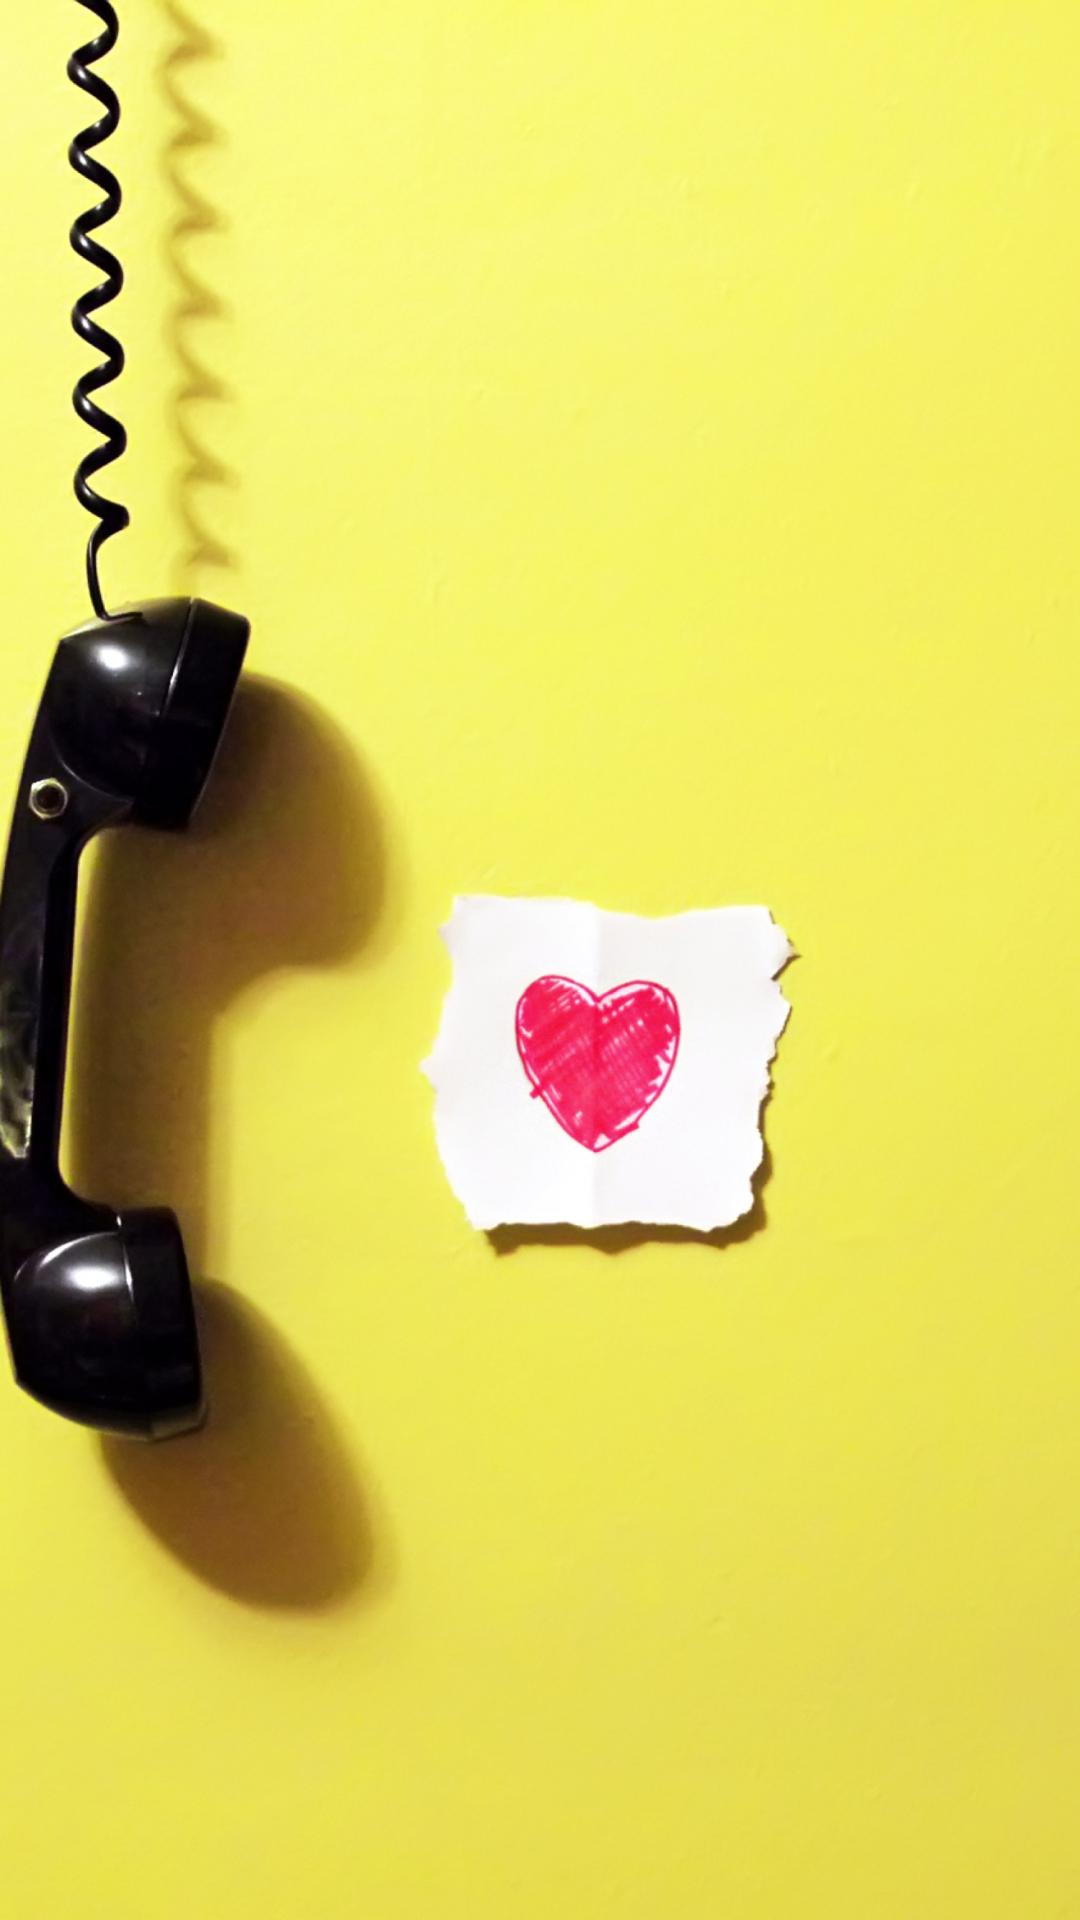 бывают картинки для телефона звонит мужу на мобильник играет пианино эрху